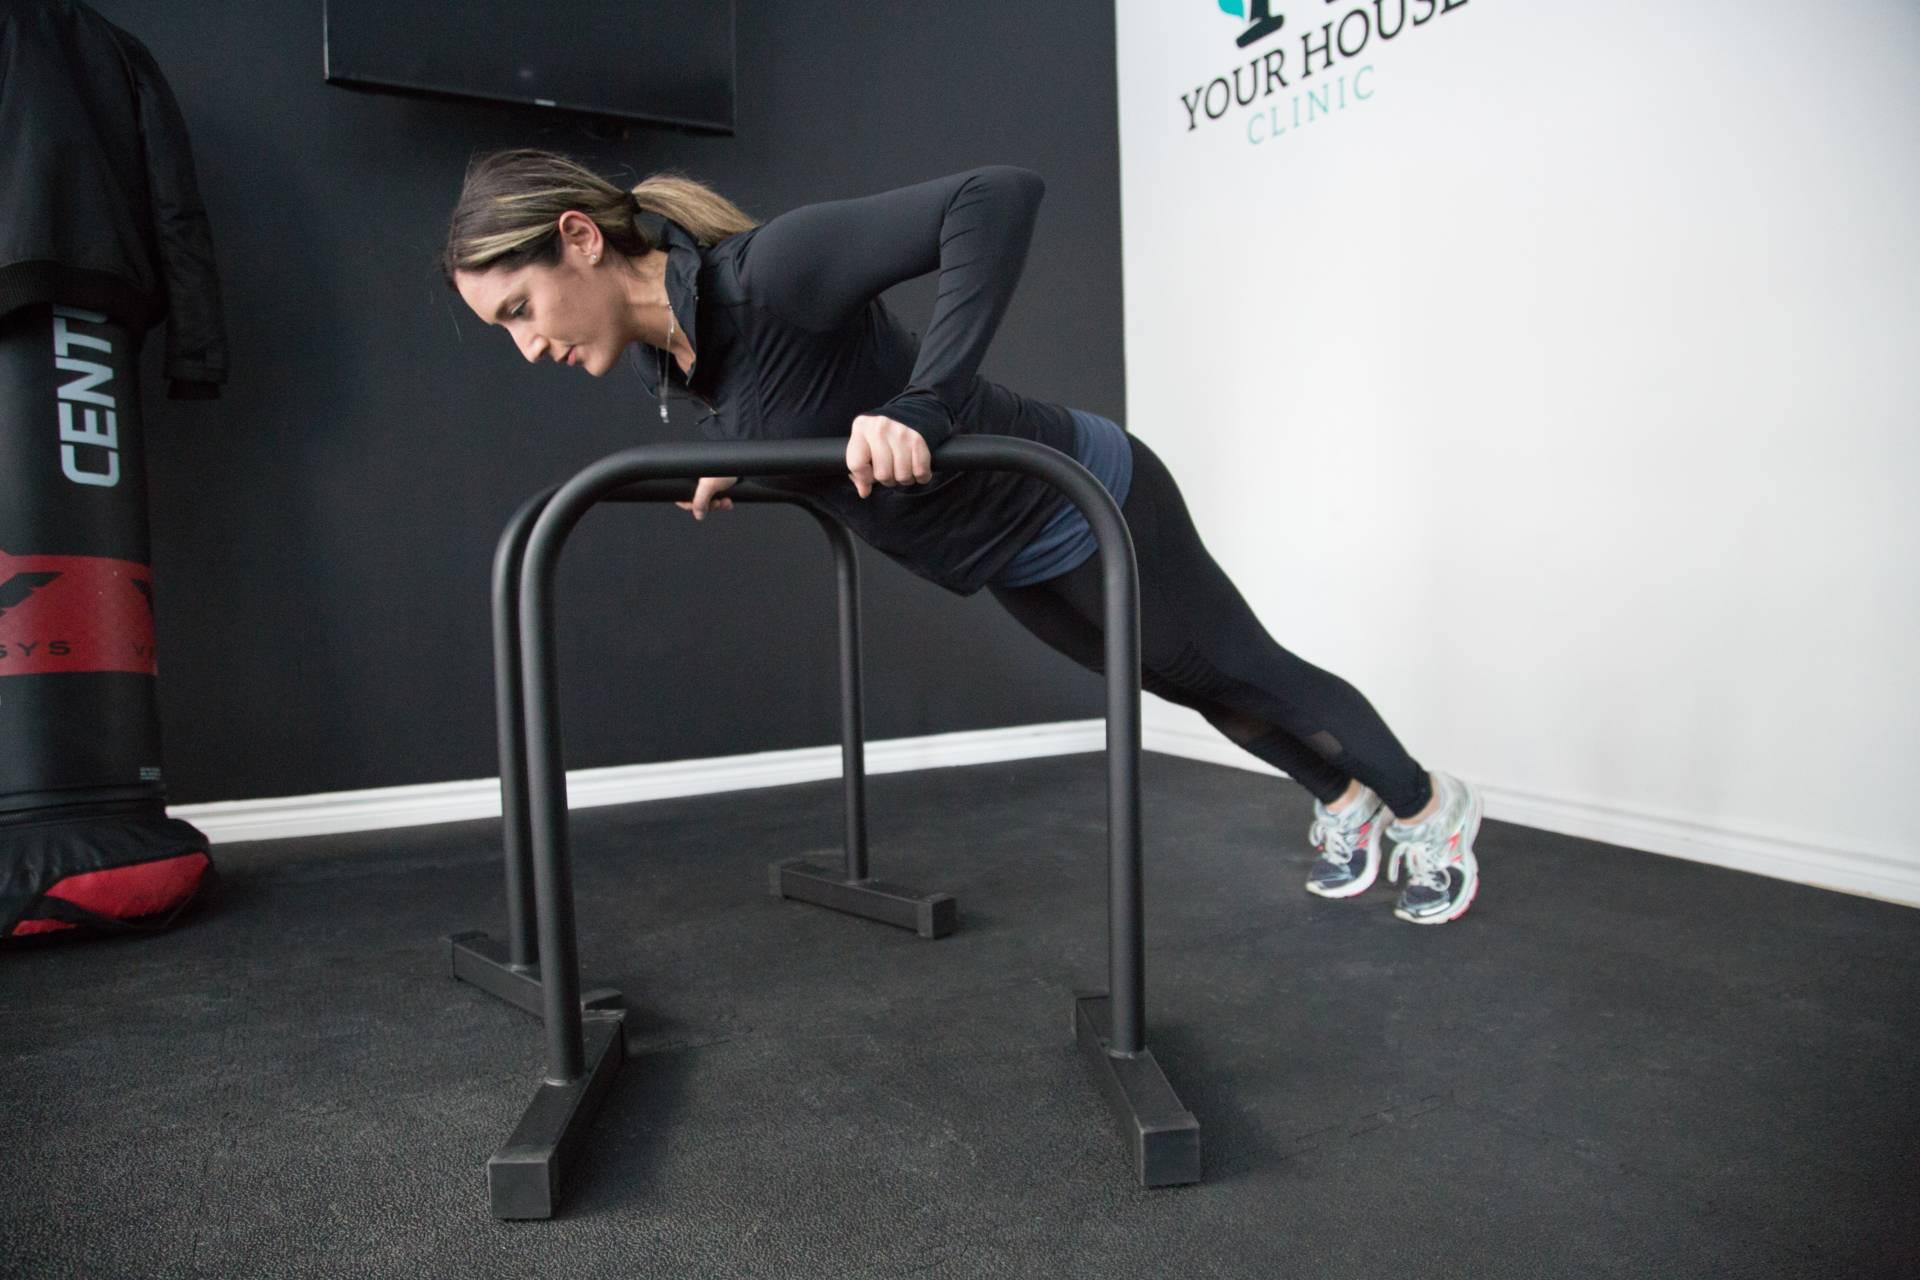 women's strength training